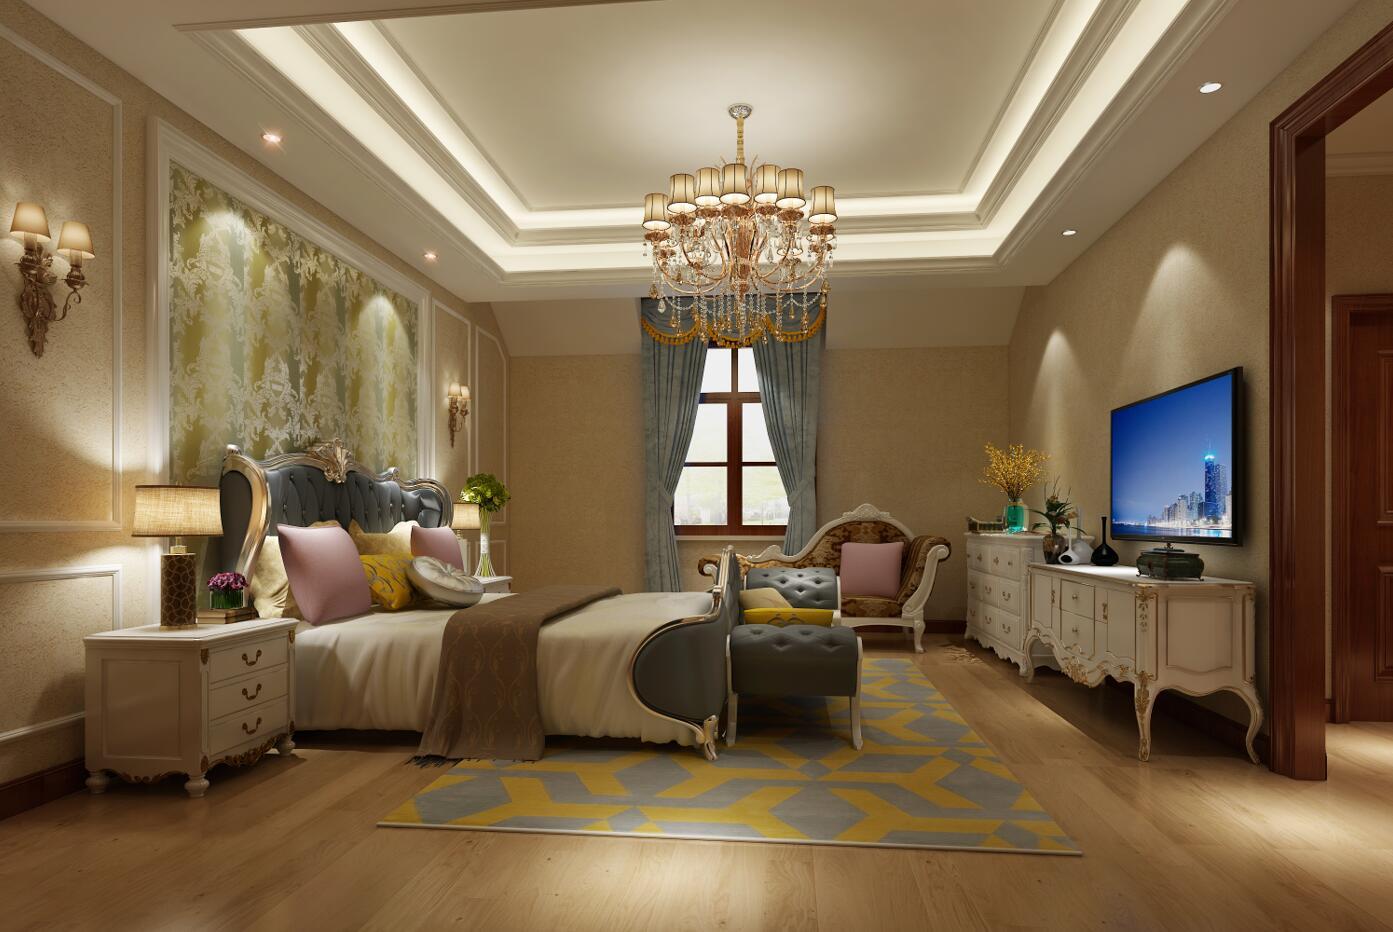 卧室不适合面积过大或过高,设计师把主卧合理的做了划分,每一个功能区都独立出来即:主卧门厅、卫生间、衣帽间、主卧室,又把这四个功能区合并到一个大的空间里保障了主人的私密性。